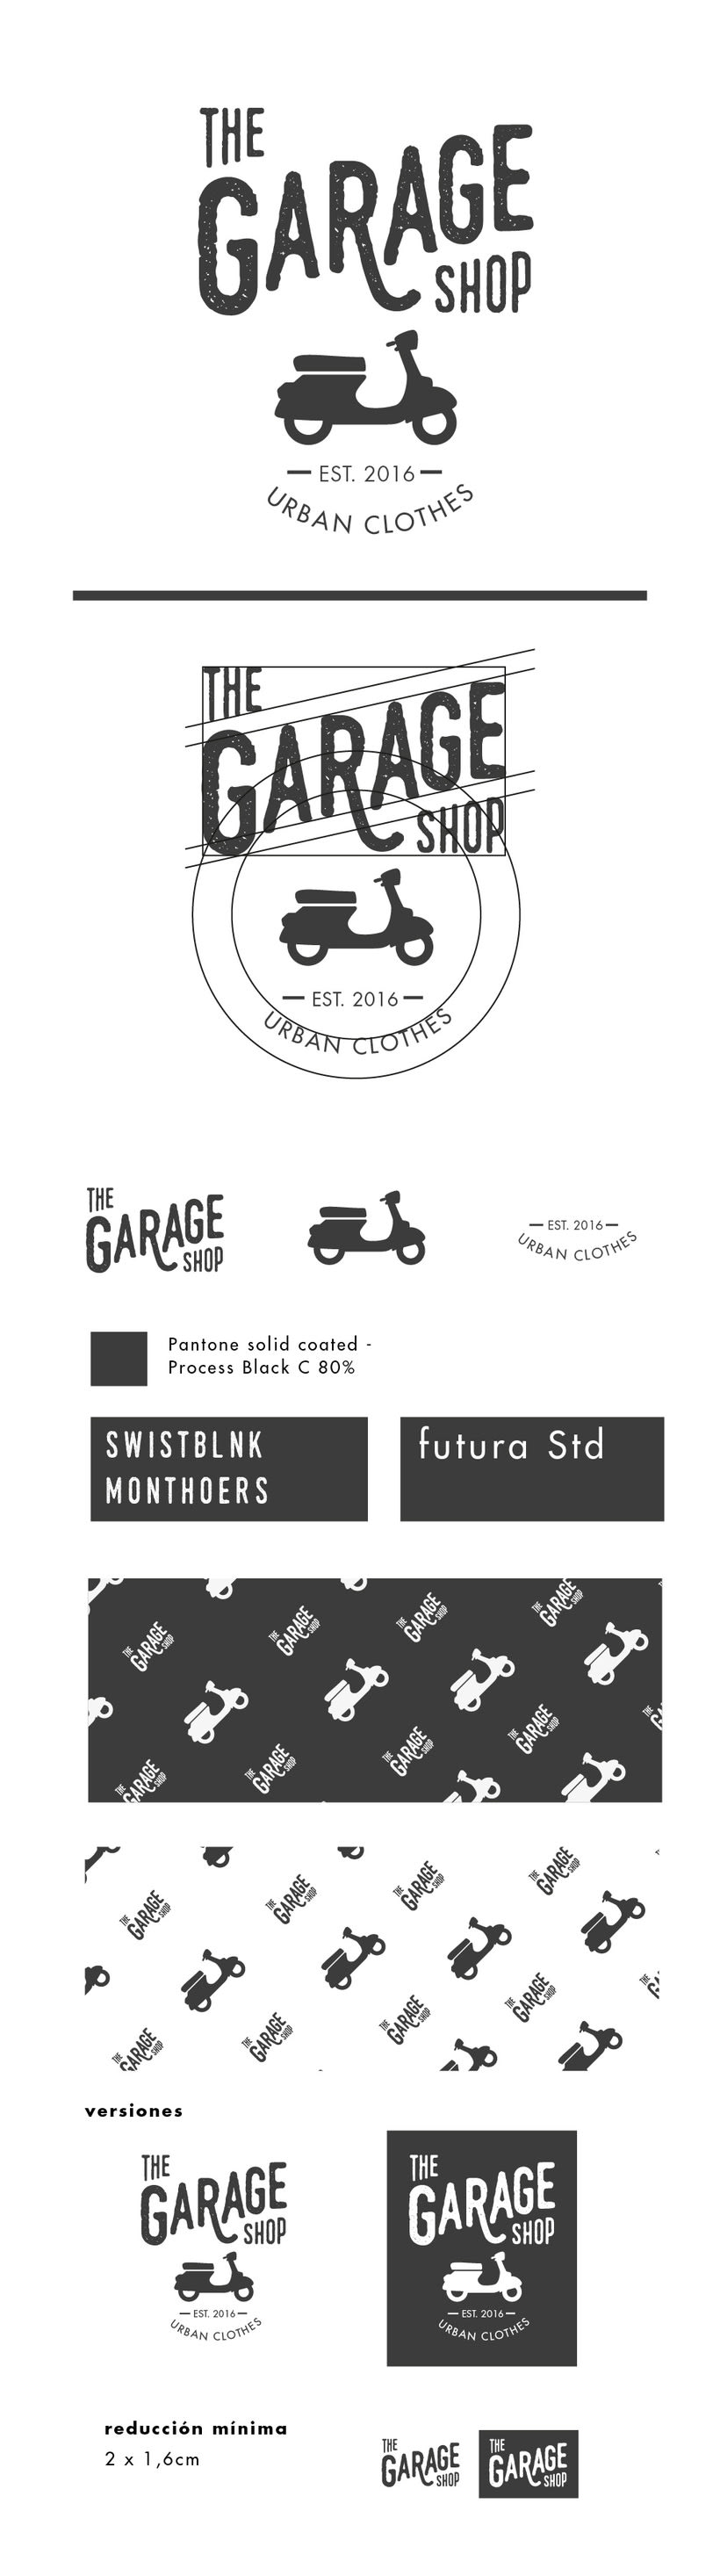 The Garage Shop 1